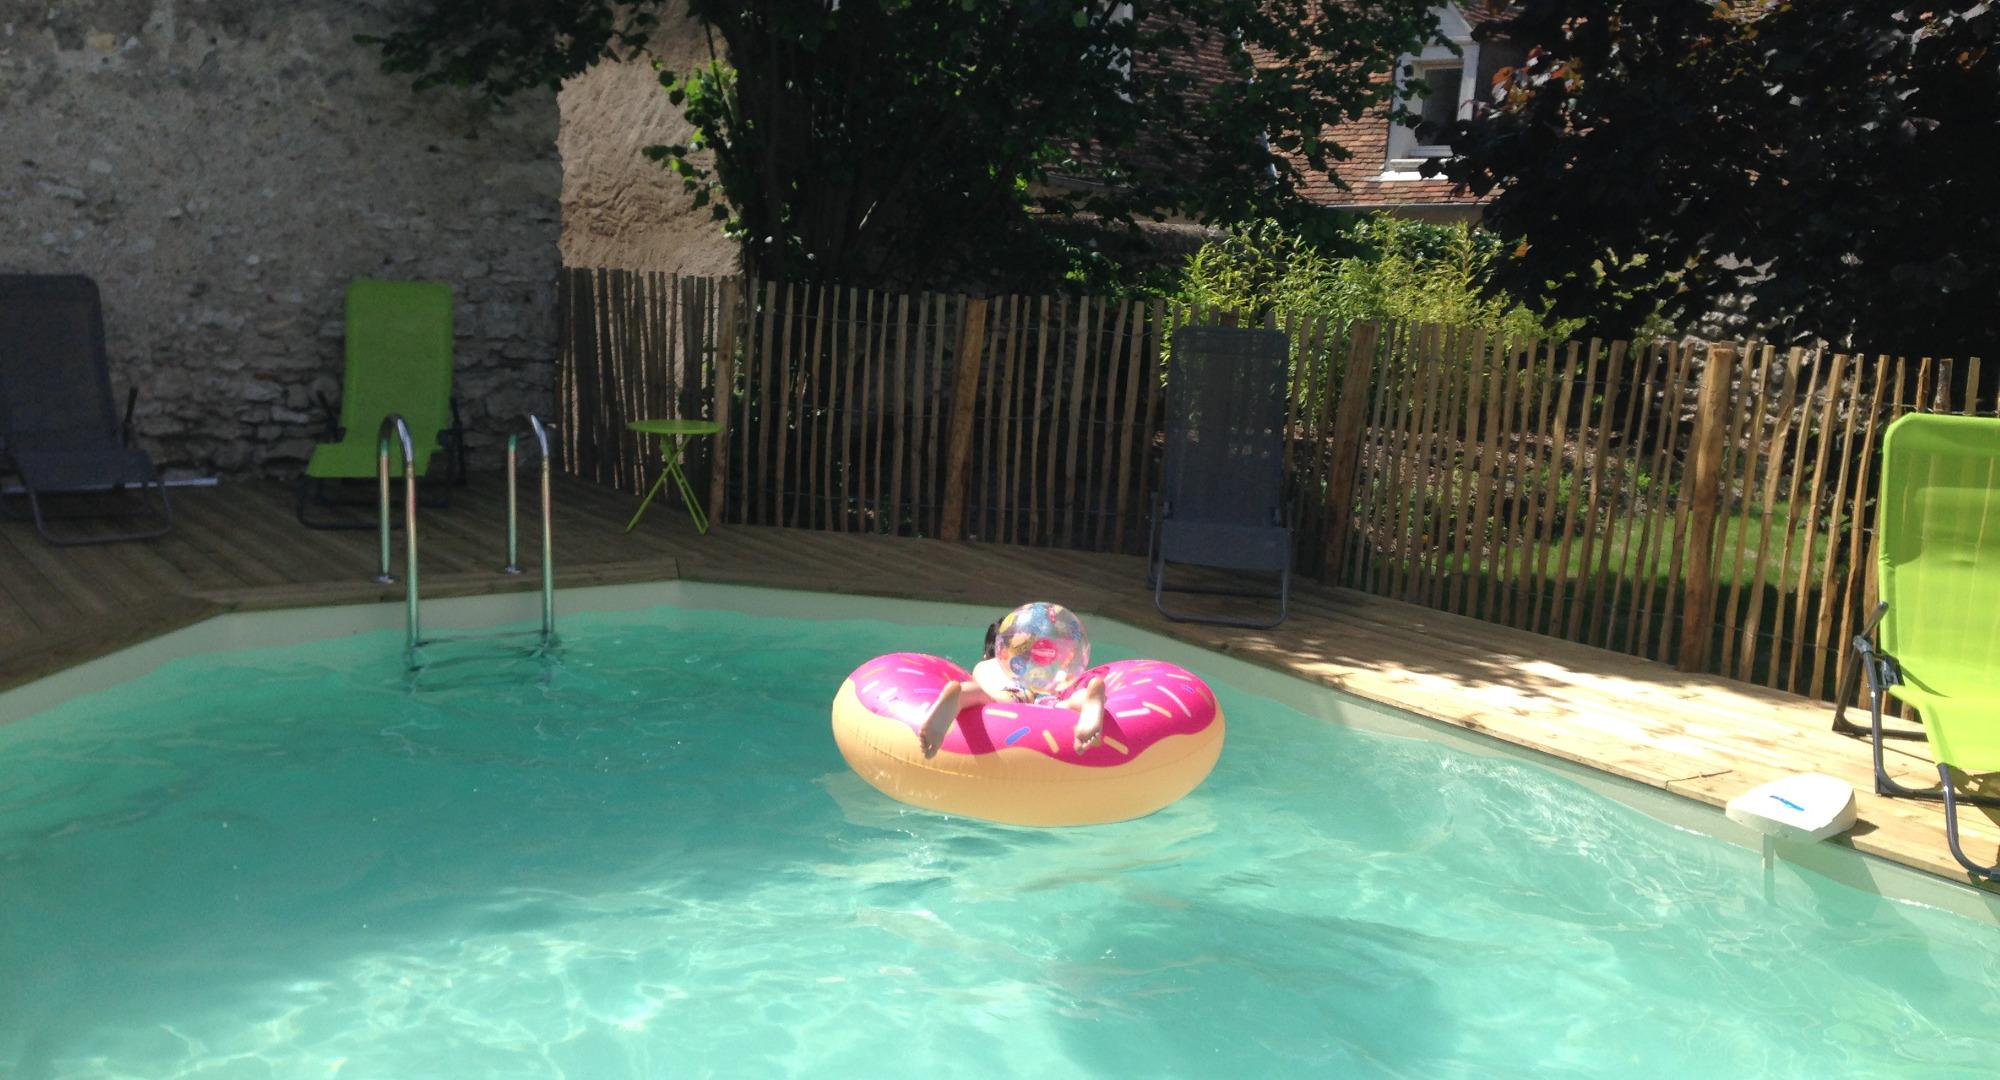 la piscine chauffée avec des jeux pour les enfants et la sécurité